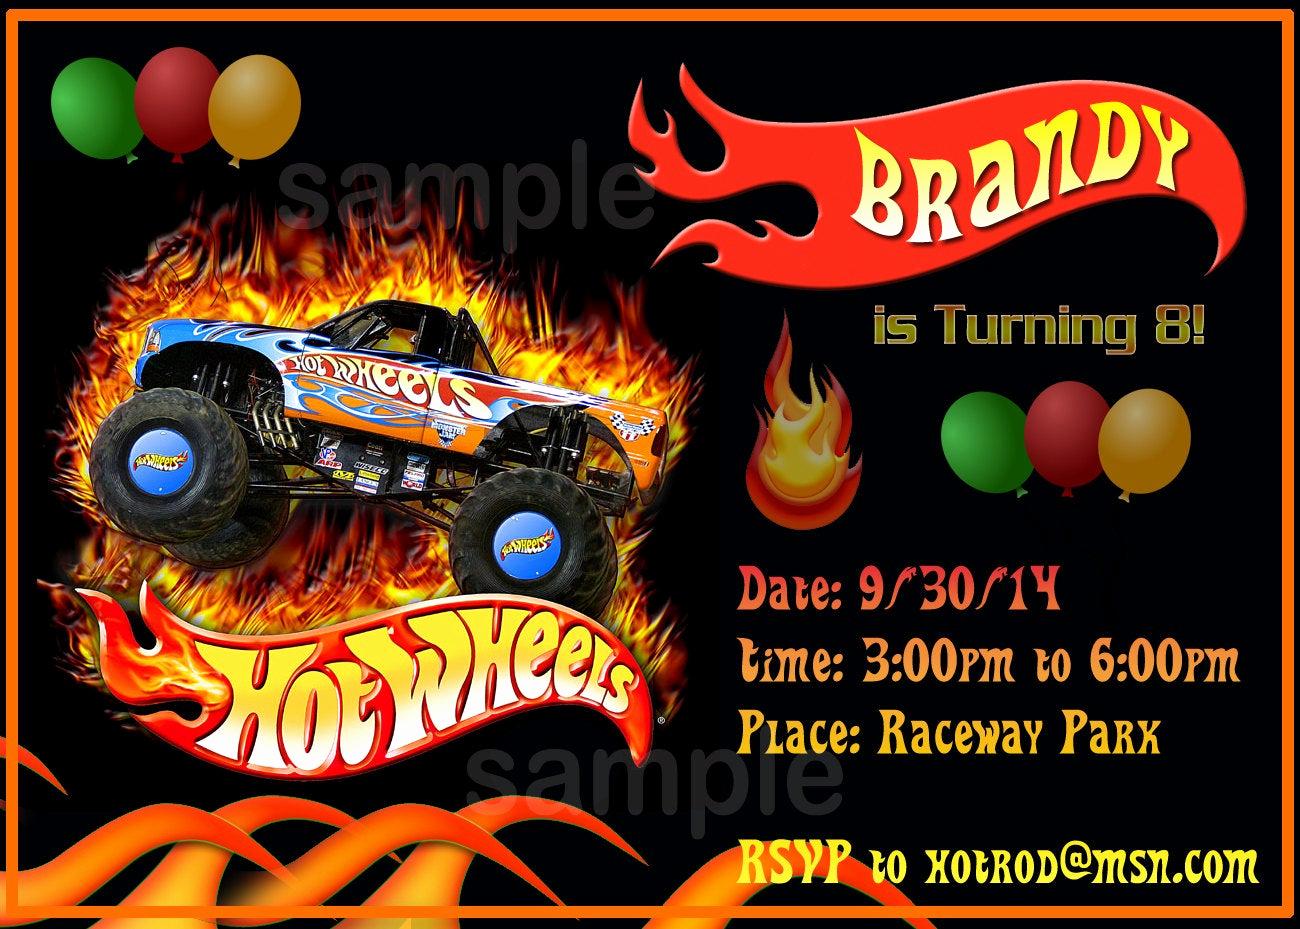 Hot Wheels Invitation Template Unique Personalized Hot Wheels Birthday Invitation by Invititestation